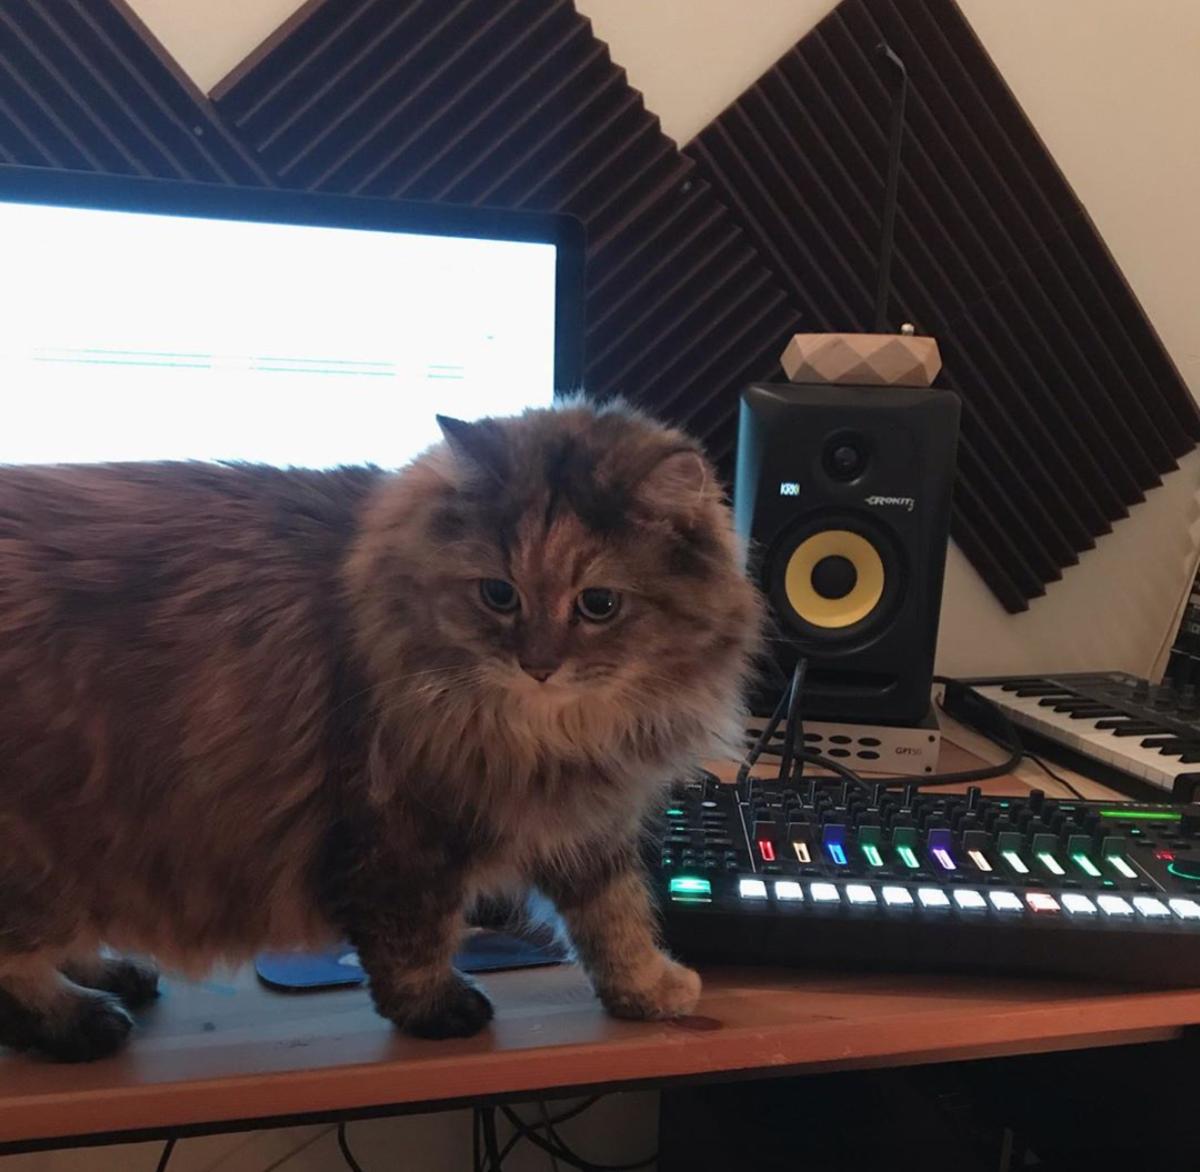 ambient kitty qrtr cat studio